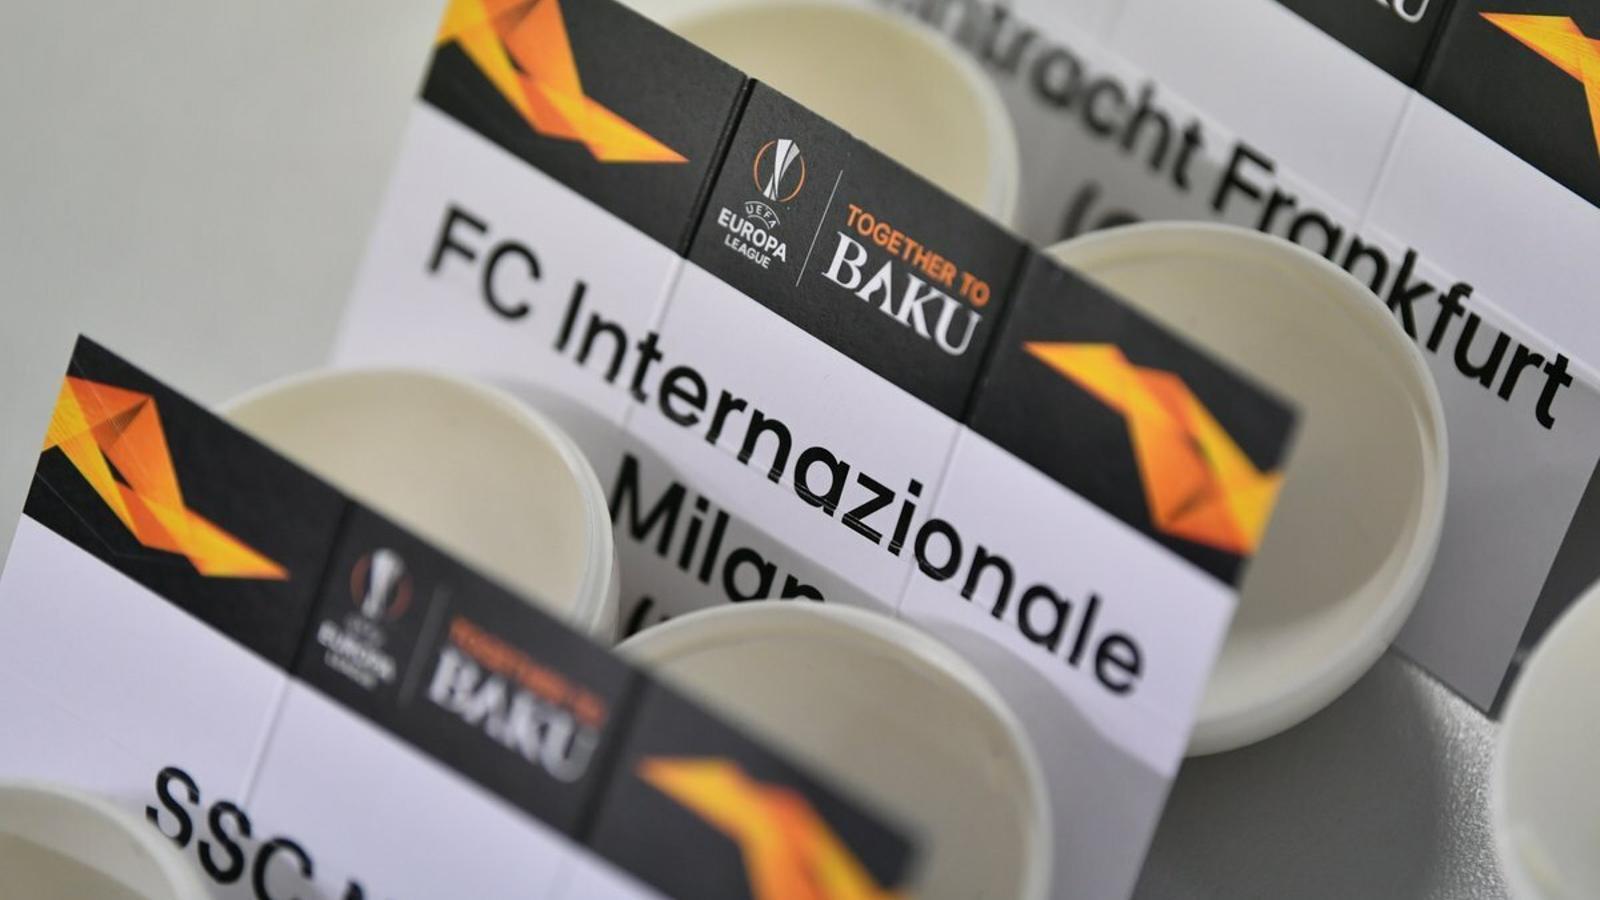 Imatge del sorteig de vuitens de final de la UEFA Europa League 2019